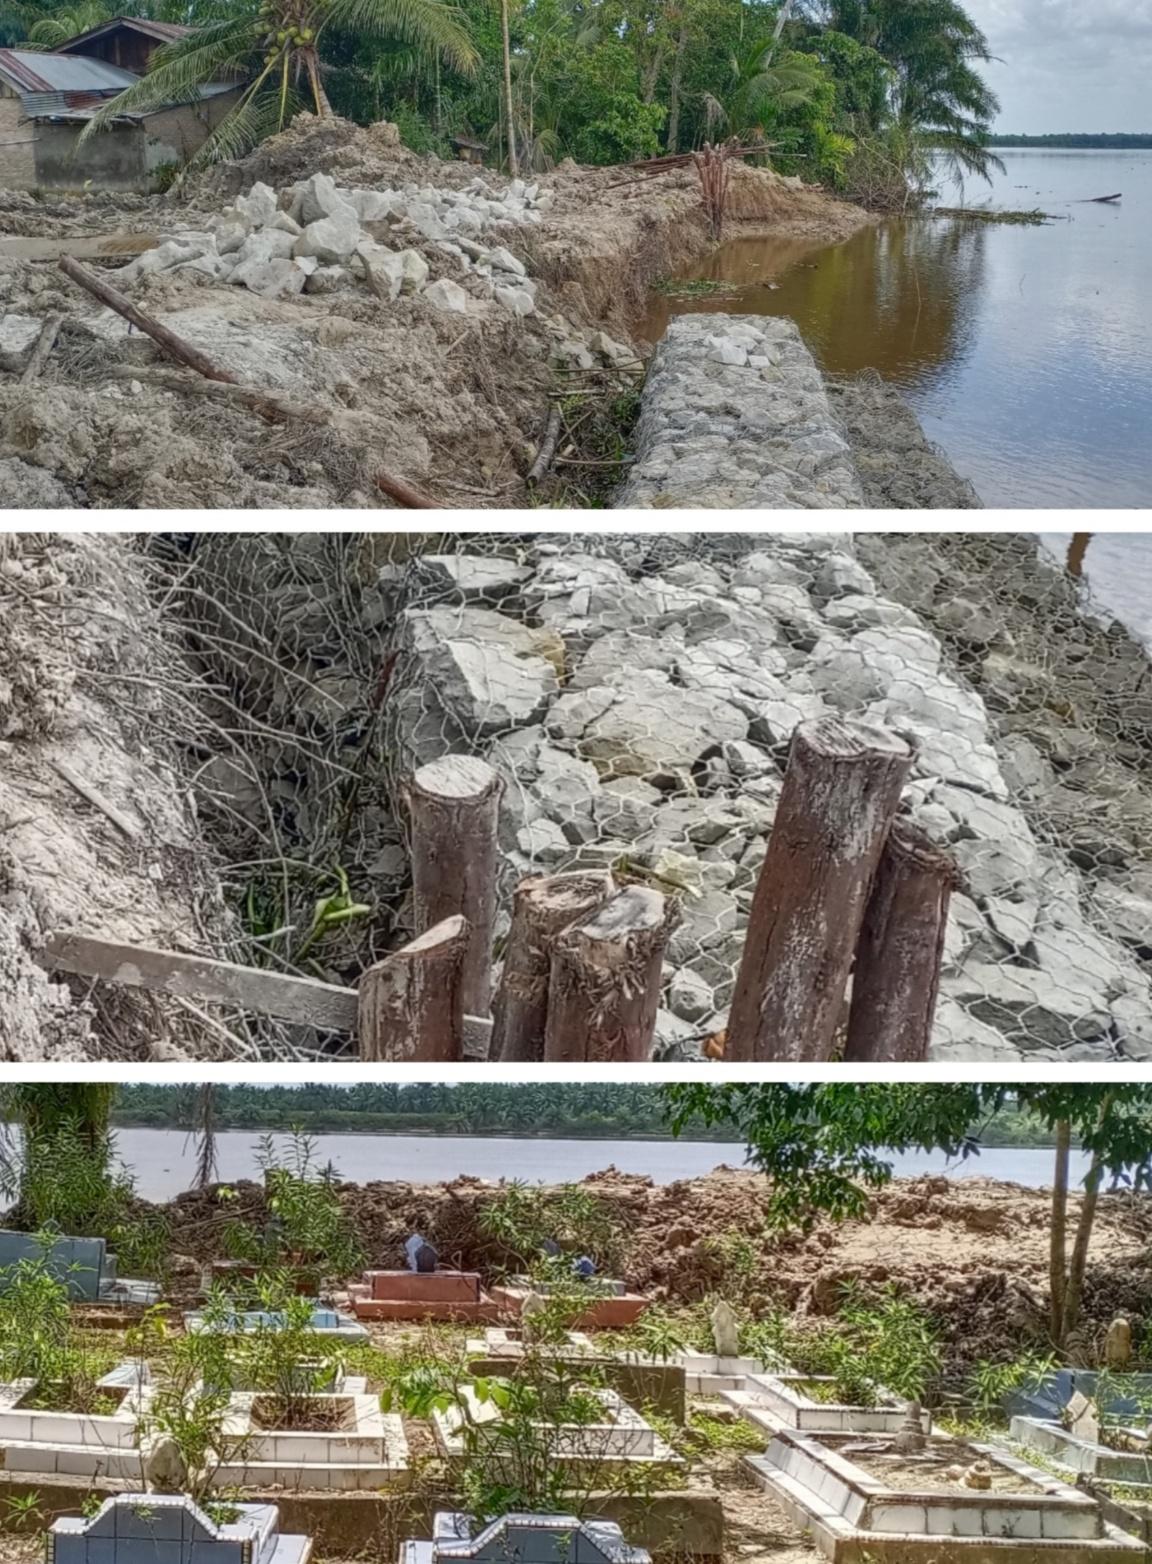 Bangunan Penyangga Abrasi Makam Umum Orang Tua Gubri di Jumrah, Terpaksa Dihentikan Warga